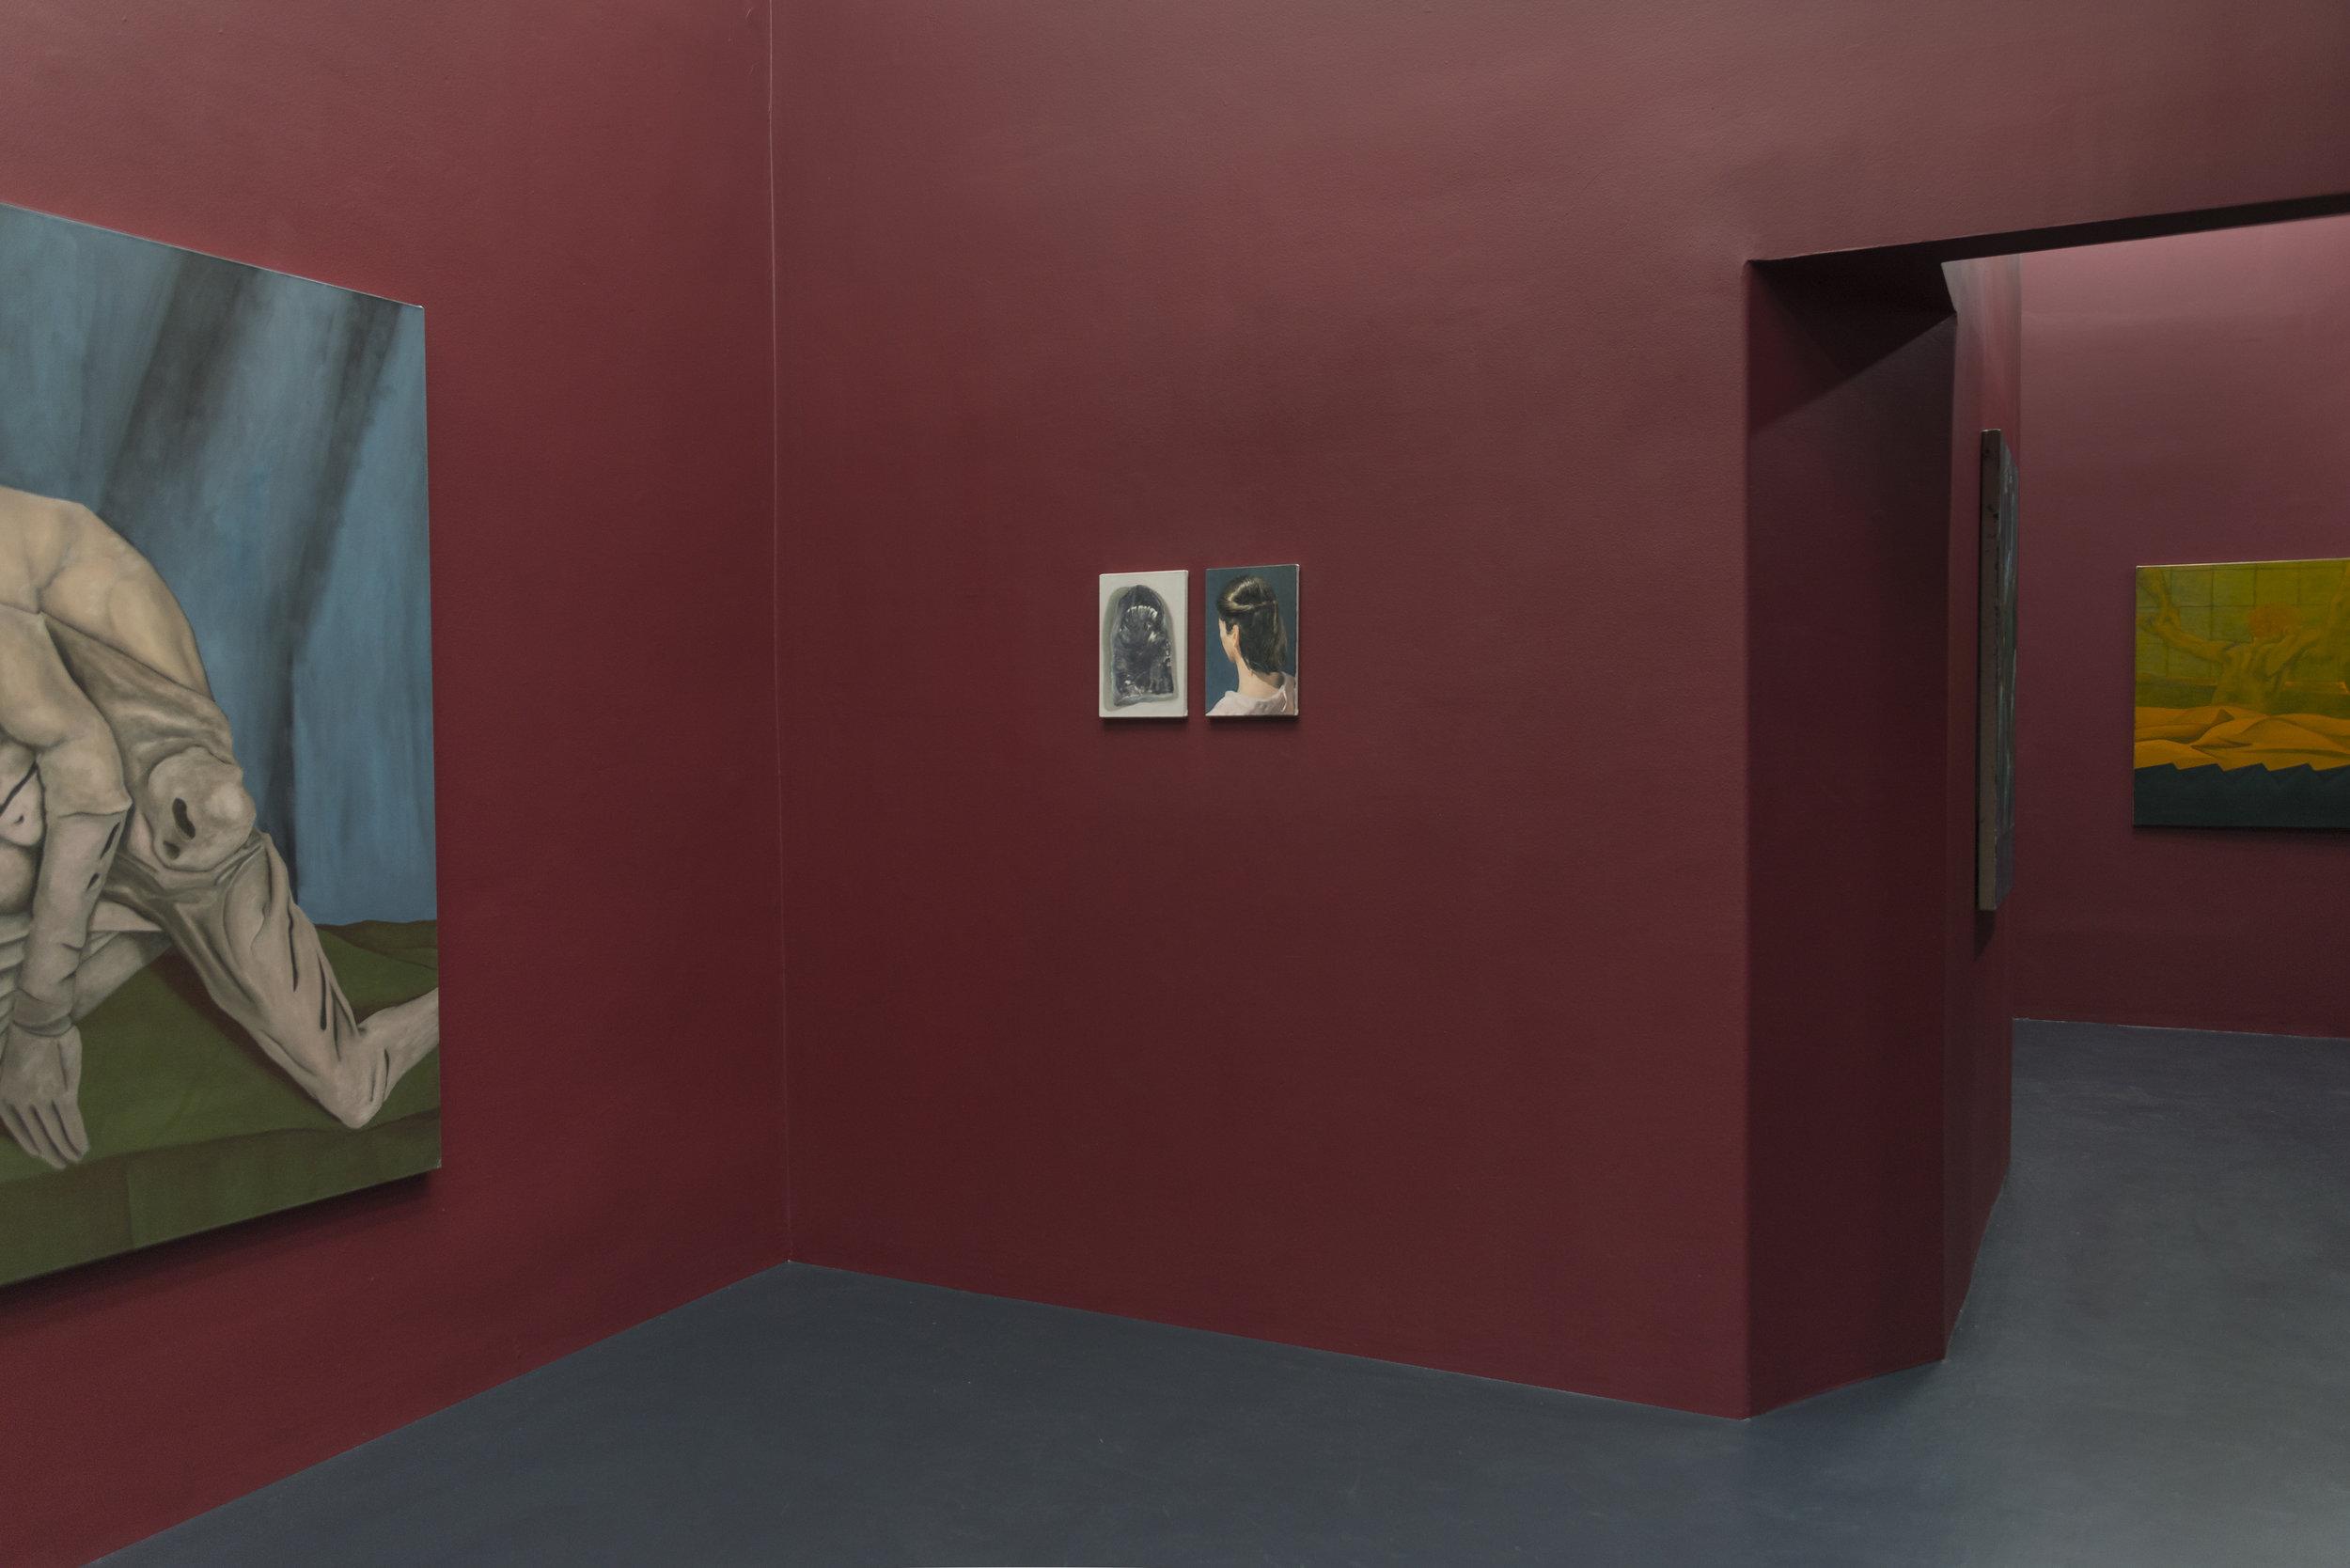 3_Front_Room_2.jpg